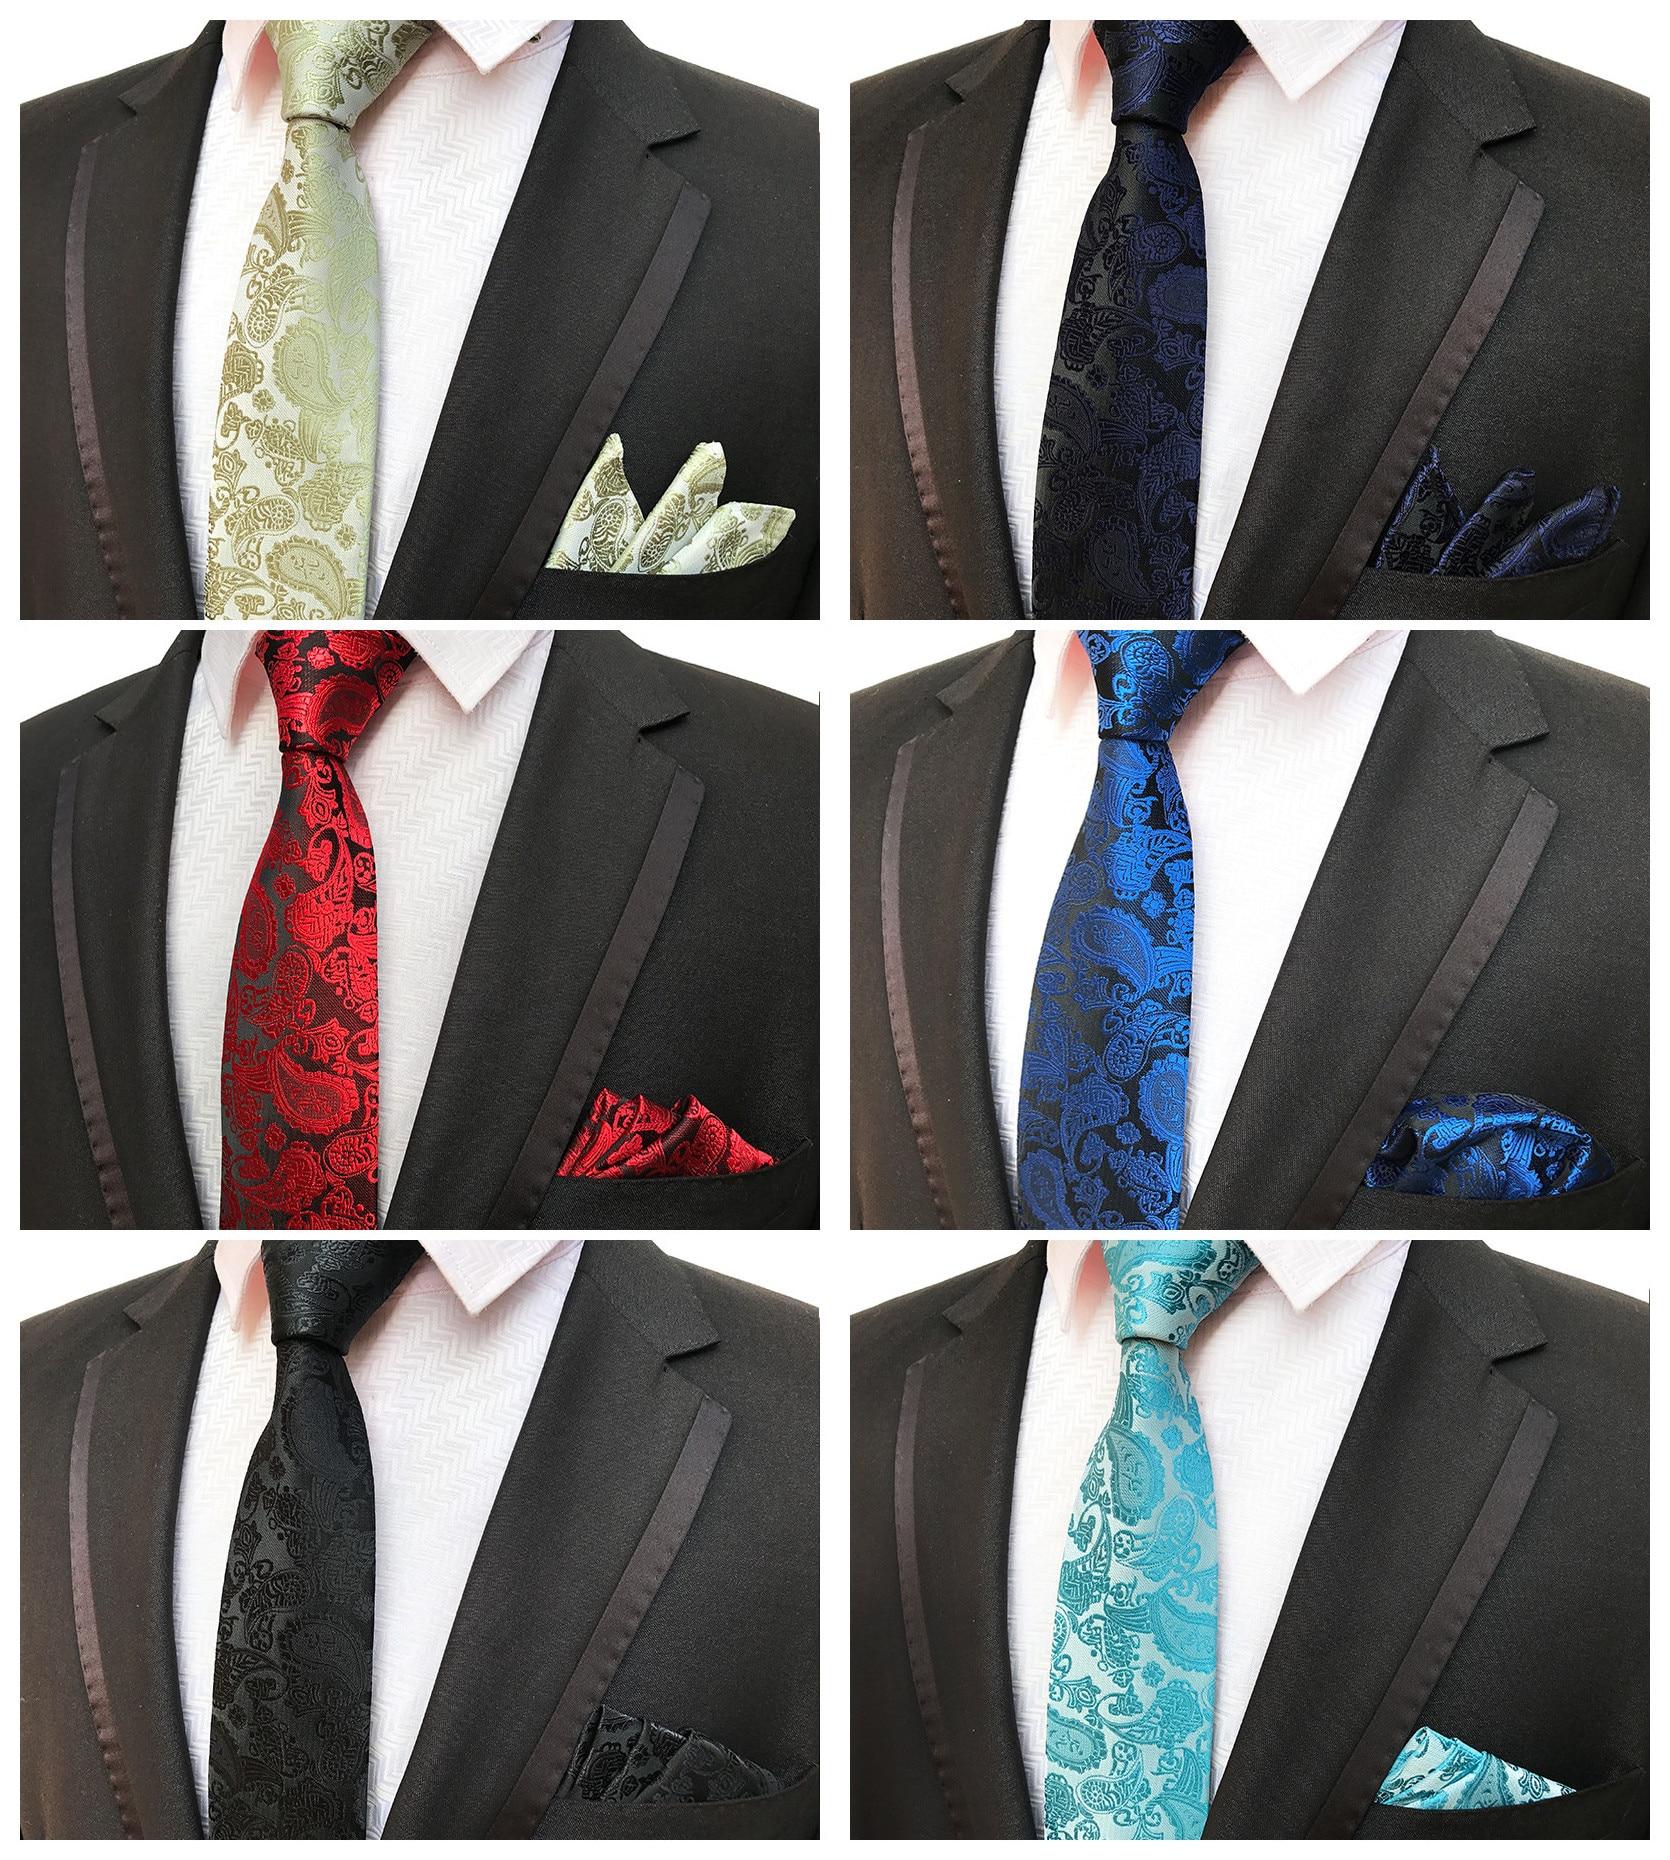 Corbata con estampado navide/ño Bling para hombre Corbata de seda suave de poli/éster para caballero de negocios